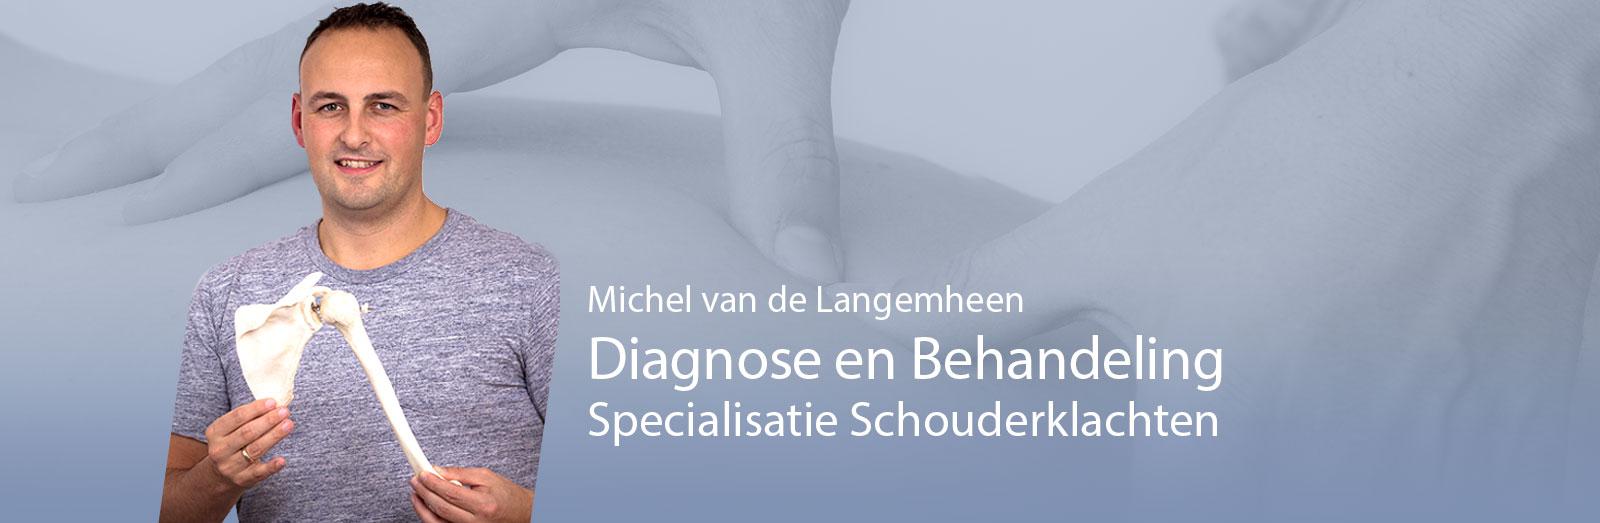 van-den-langemheen-fysiotherapie-manuele-therapie schouder pijn klachten